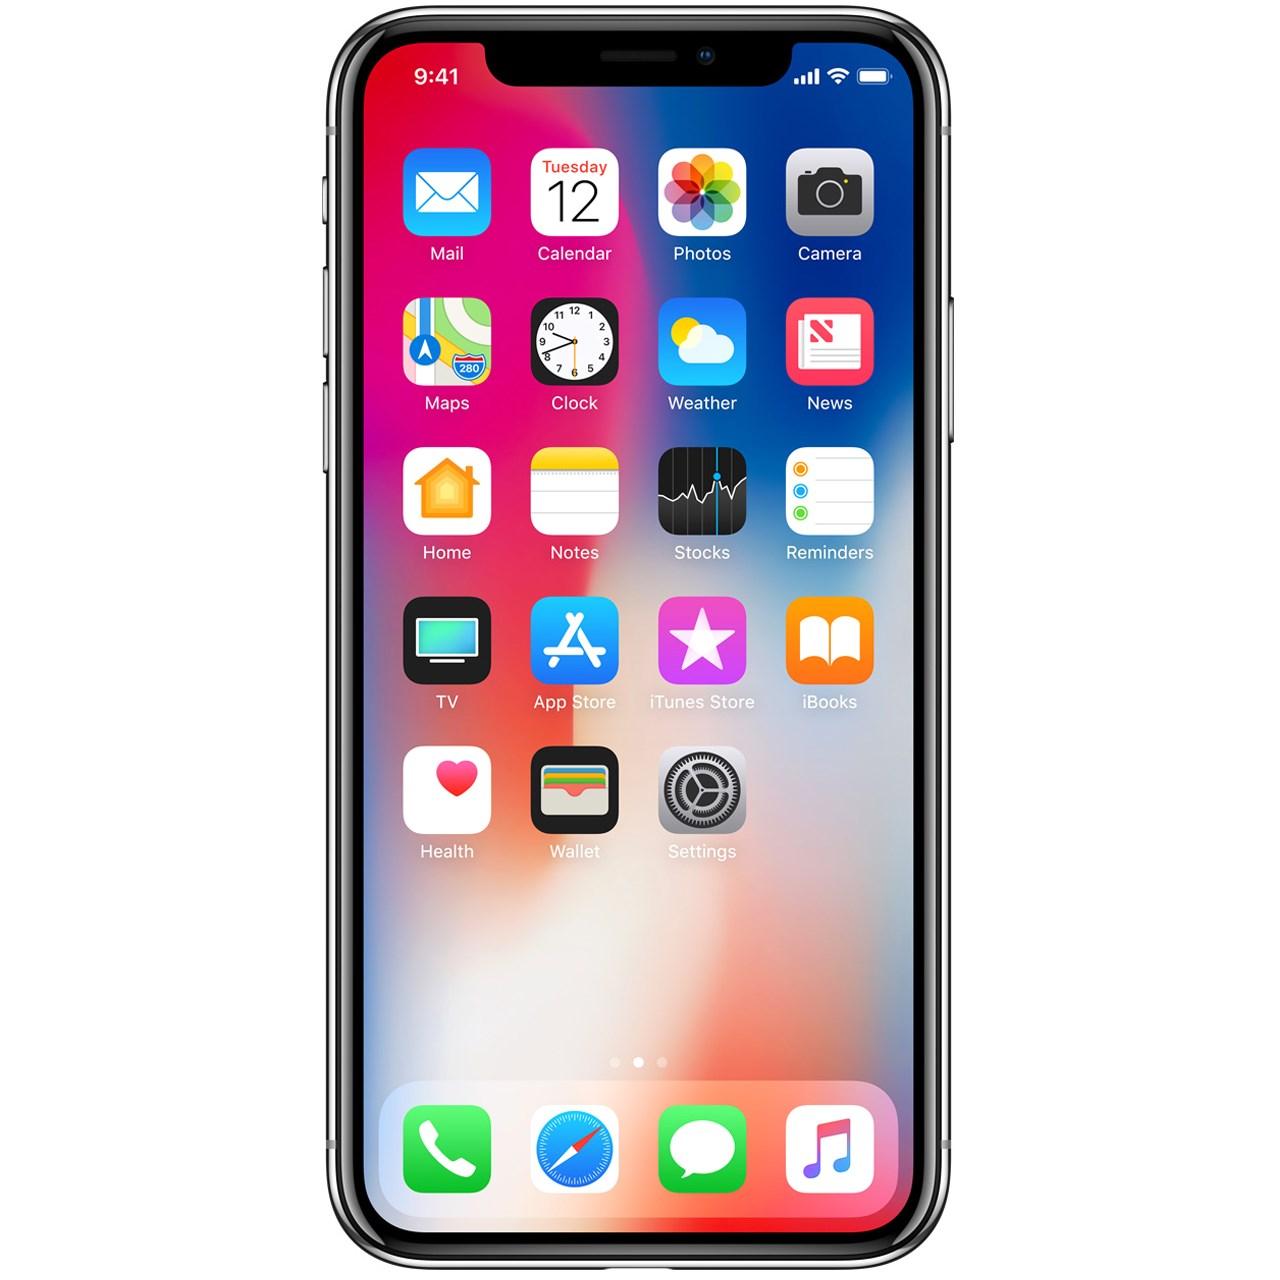 گوشی موبایل اپل مدل iPhone X ظرفیت ۶۴ گیگابایت